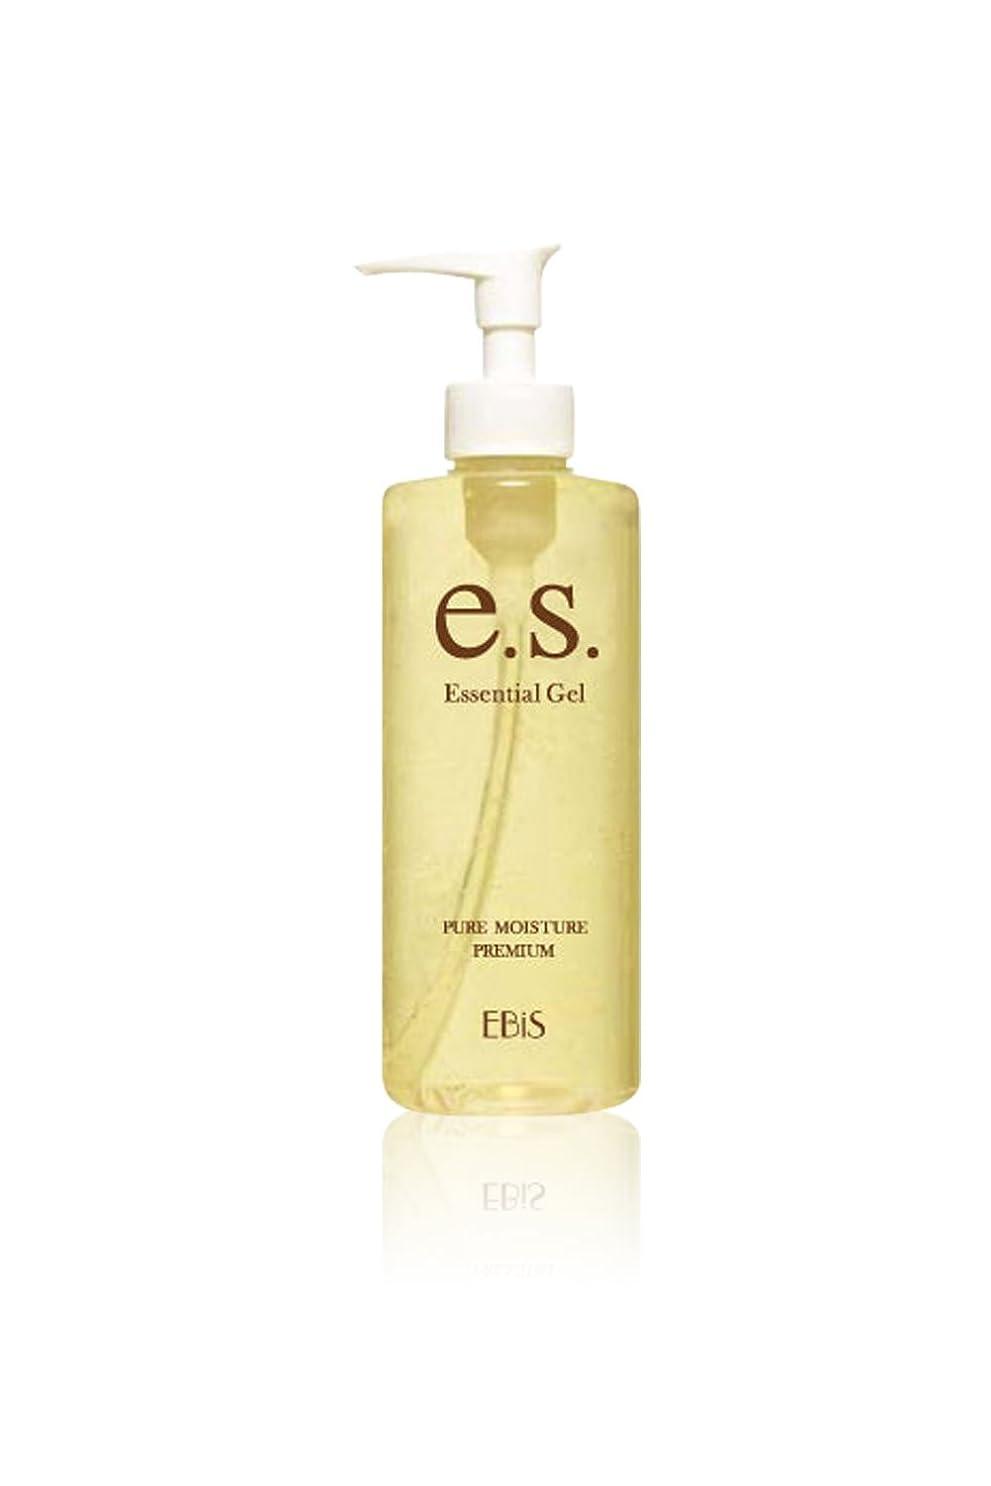 原子感嘆電圧エビス化粧品(EBiS) イーエスエッセンシャルジェル (105g) 美顔器ジェル 無添加処方 アルコールフリー 日本製 男女兼用 保湿ジェル